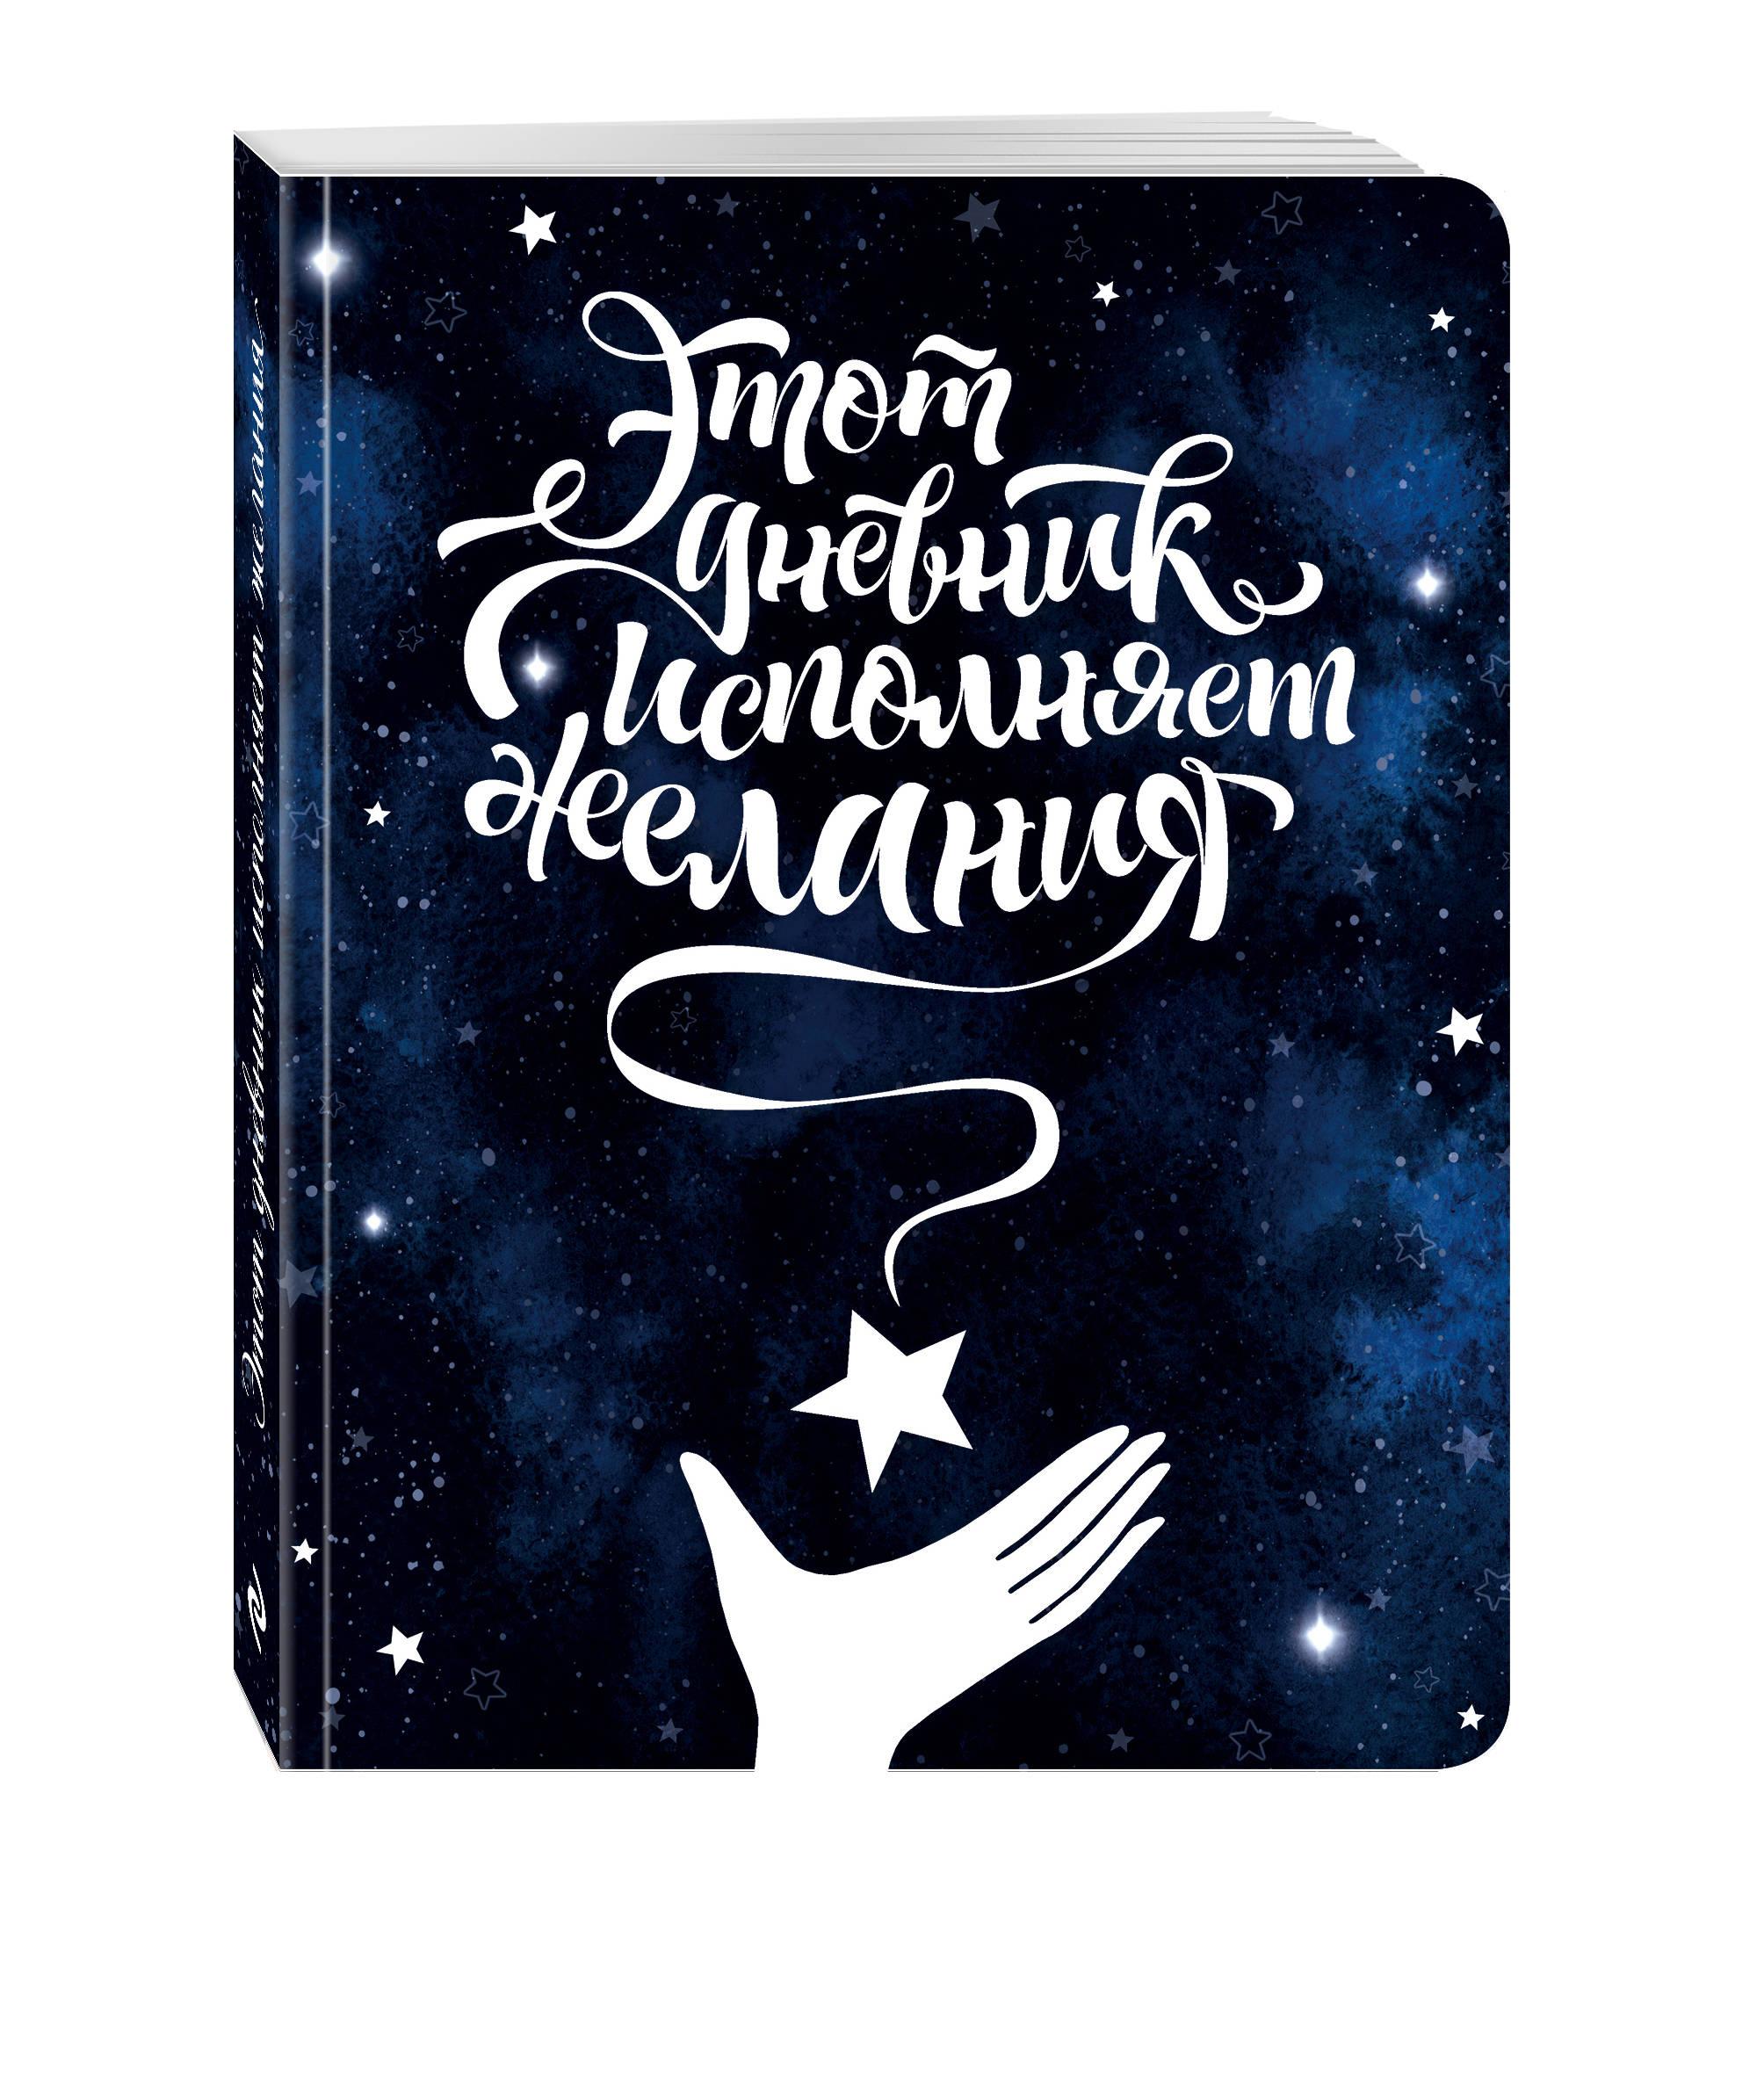 Козловская Ю. Этот дневник исполняет желания ace camp duraflex 4 шт черный 20мм